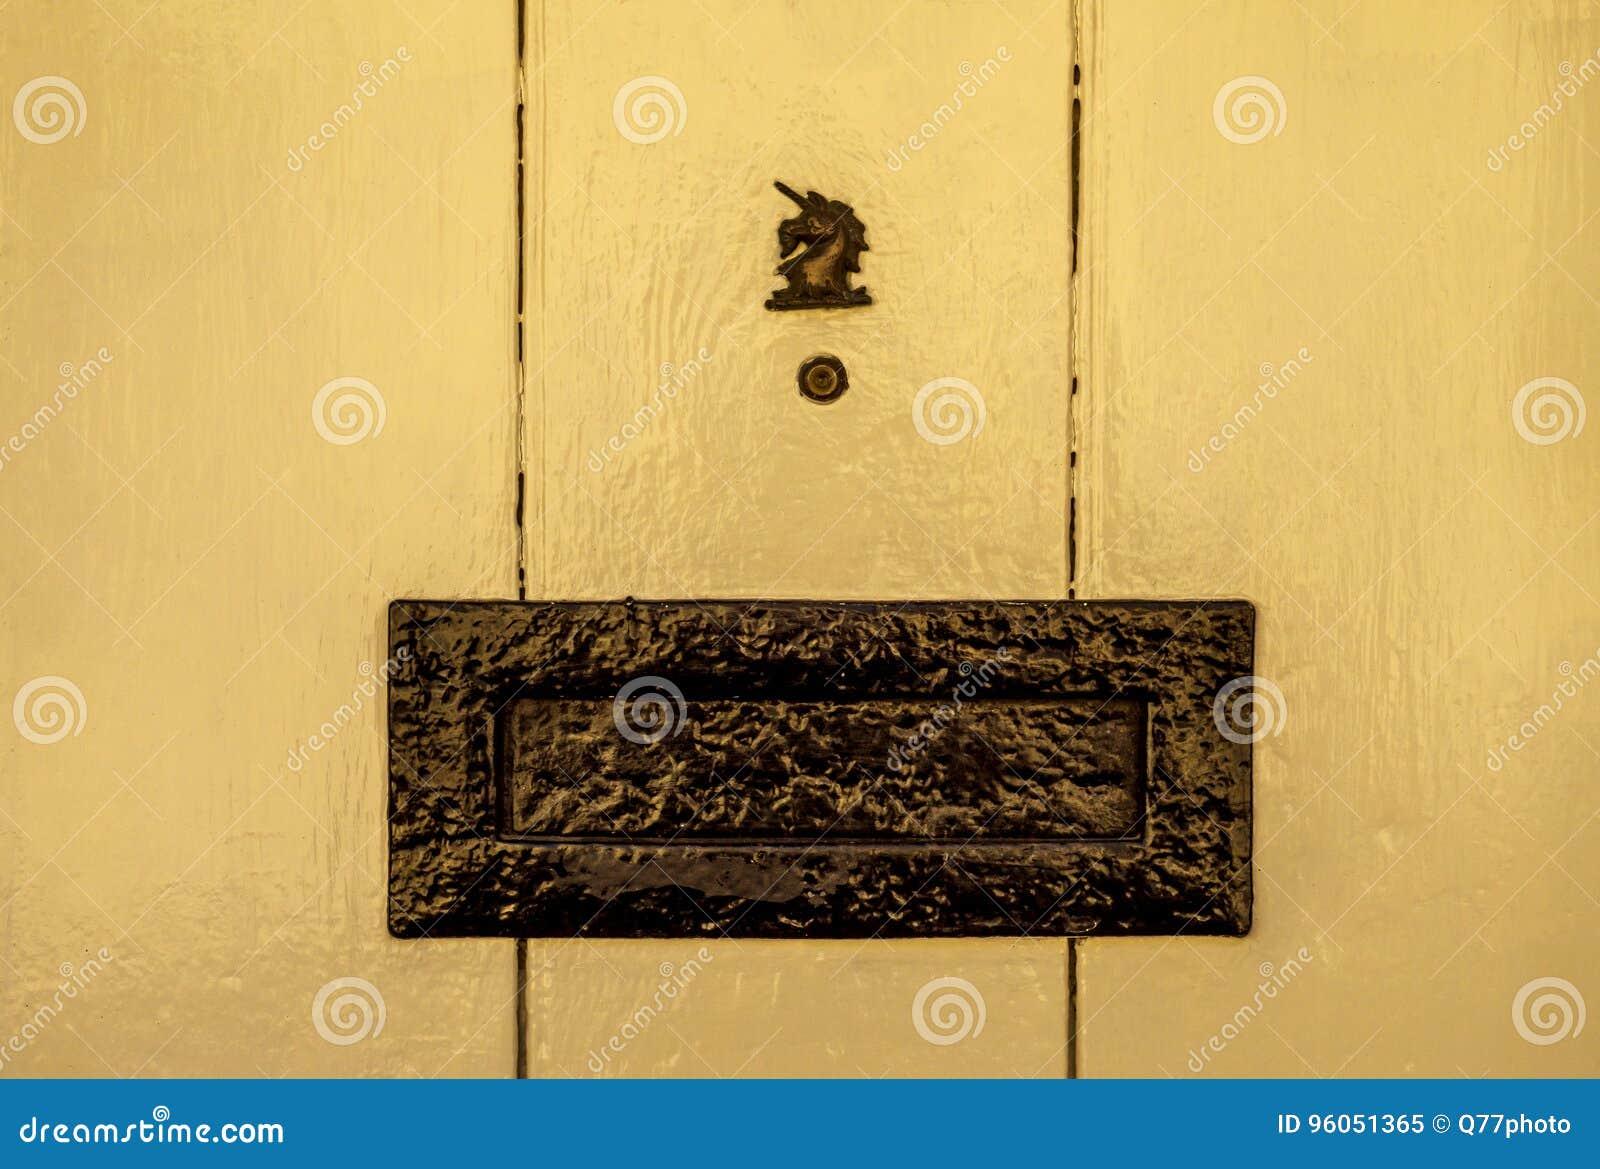 Vieille boîte de lettre dans la porte, manière traditionnelle de fournir des lettres